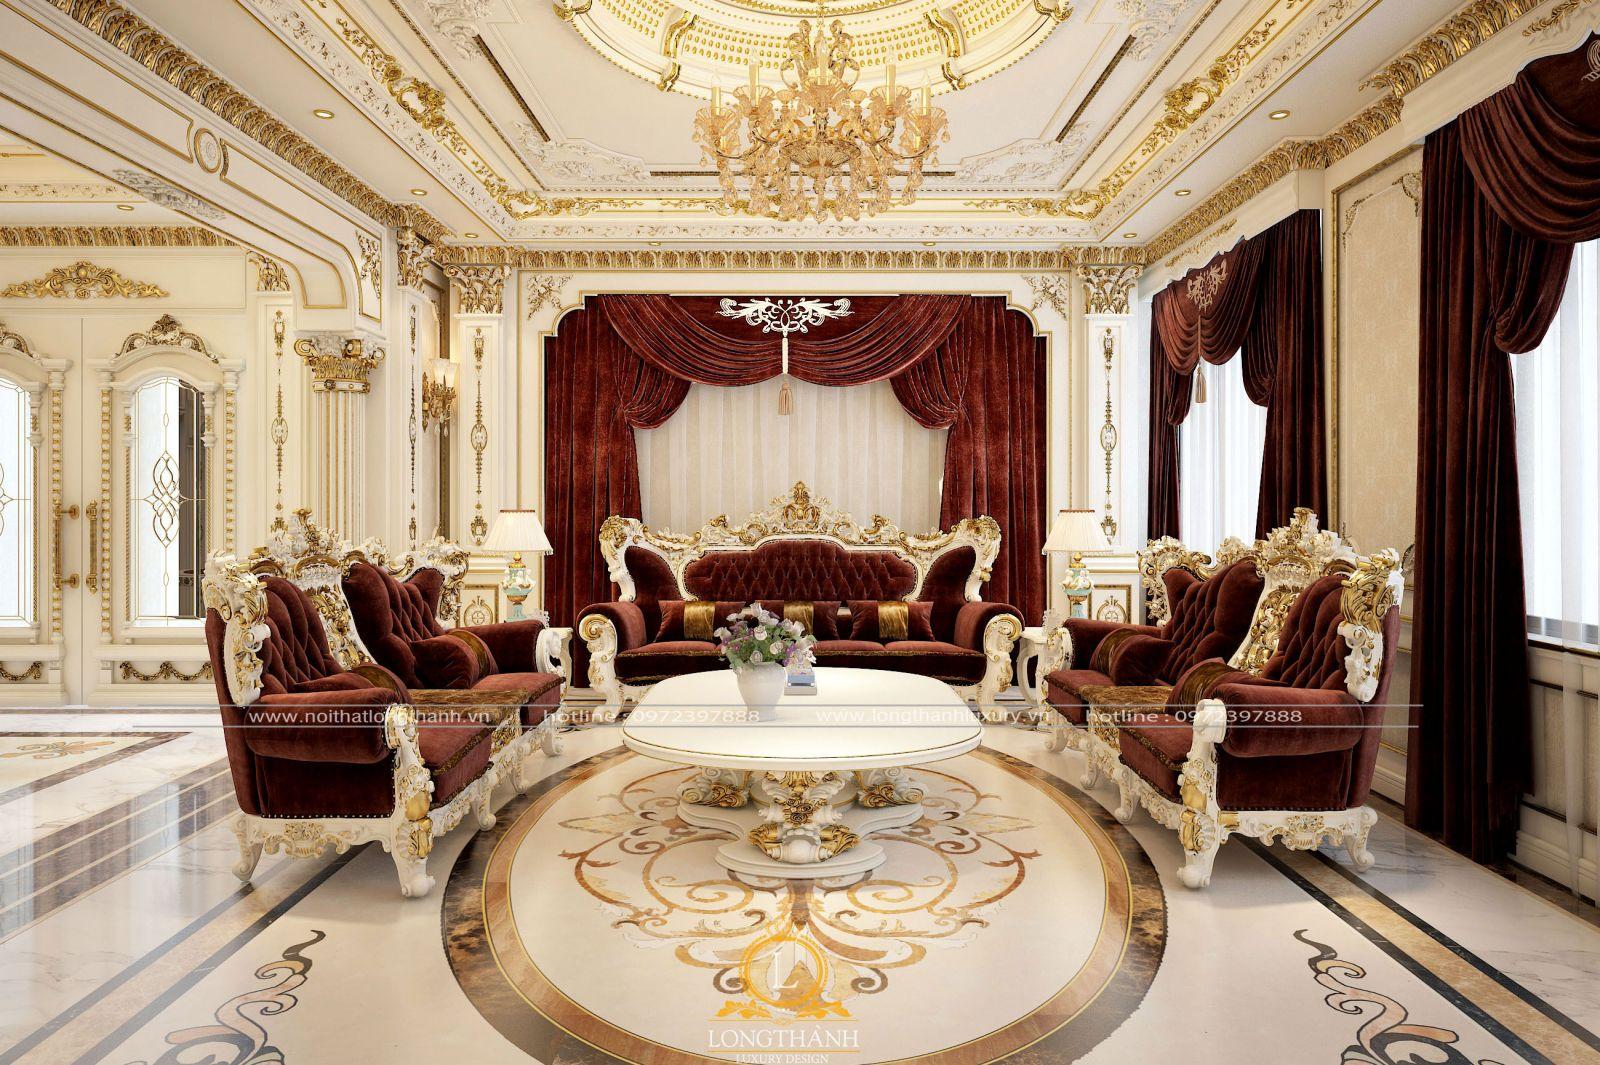 Bộ Sofa với chất liệu gỗ Gõ đỏbọc vải gấm cao cấp cho phòng khách biệt thự